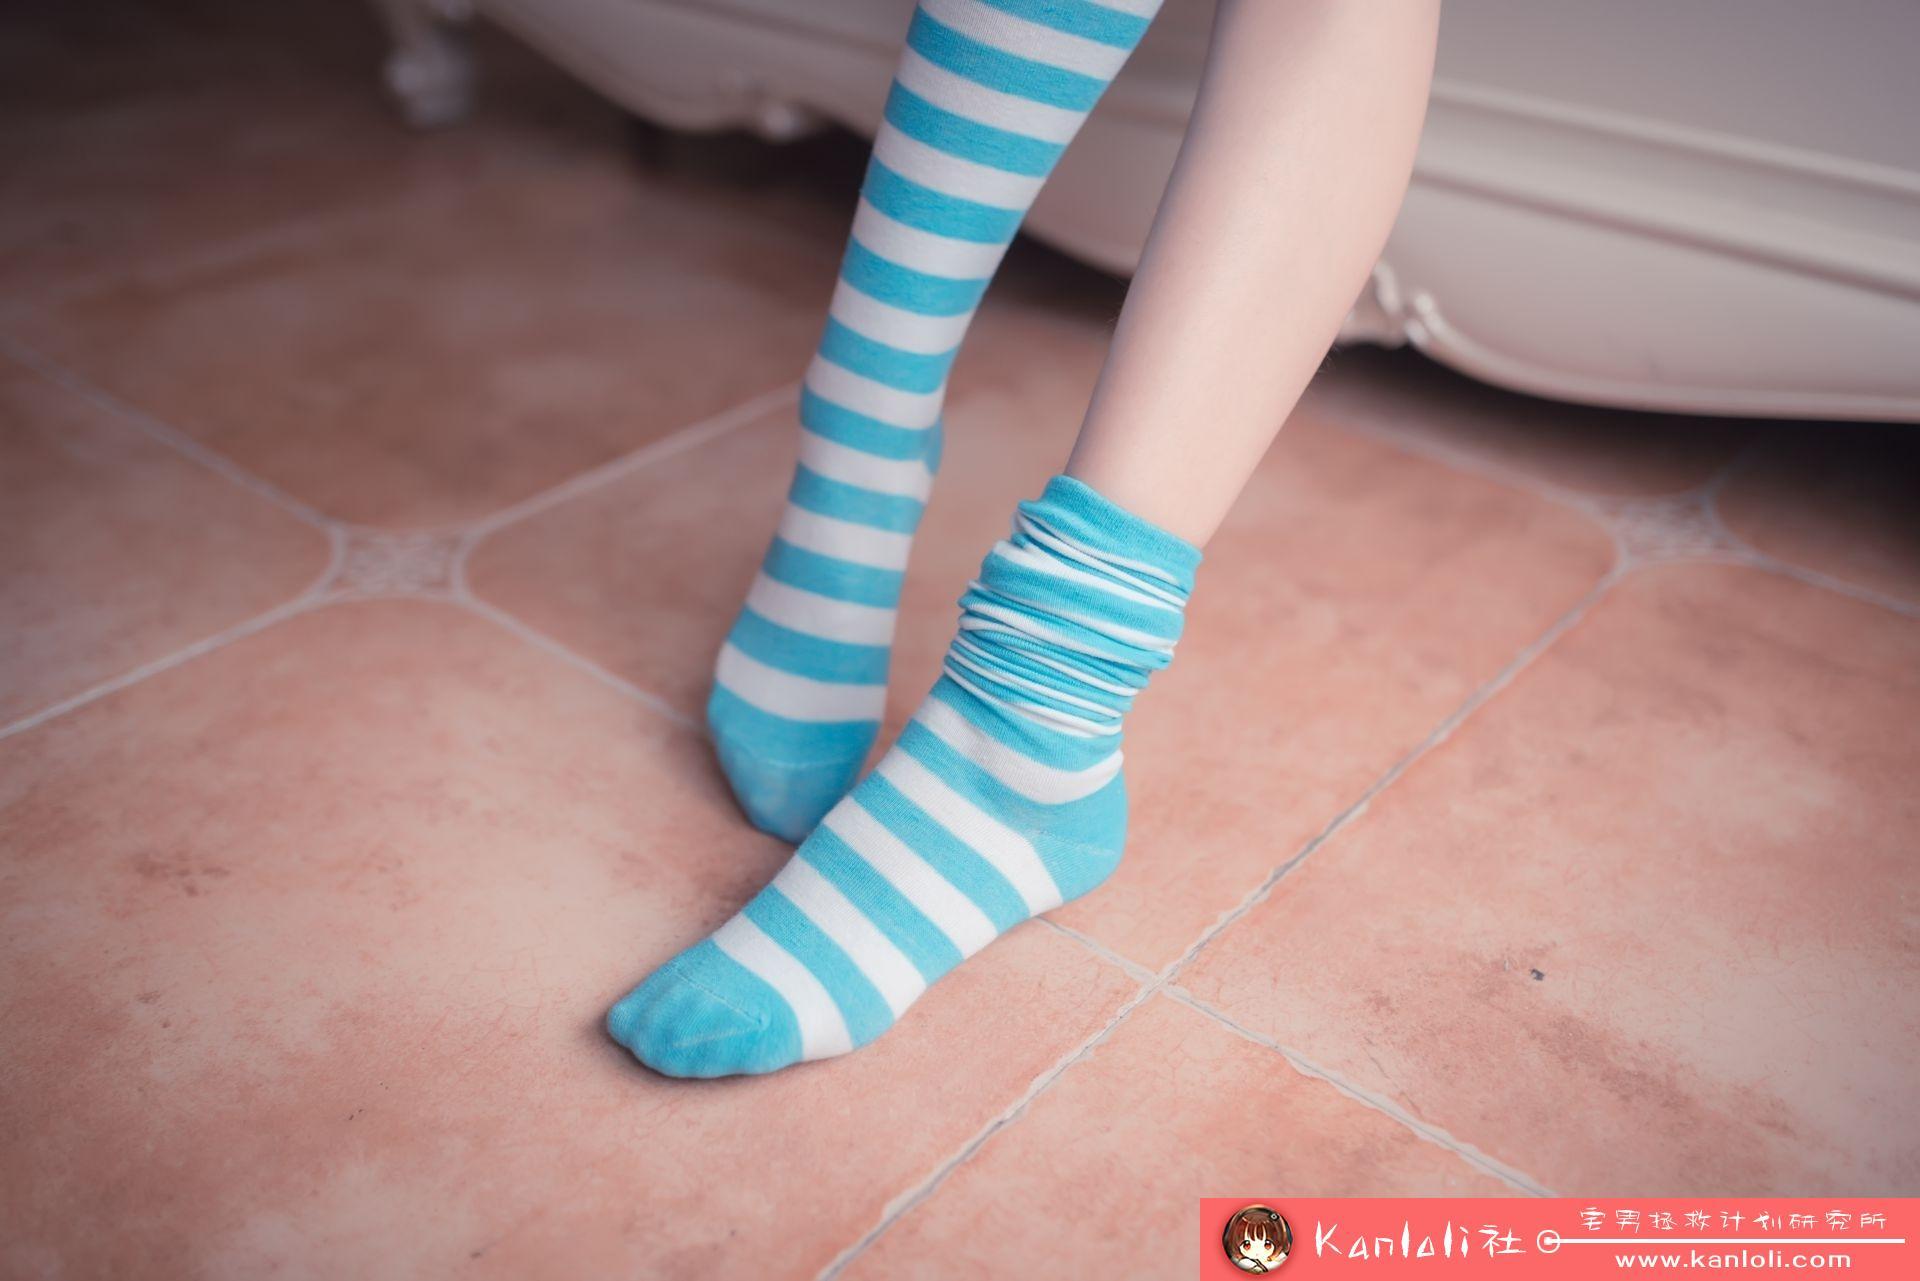 【风之领域】风之领域写真 NO.014 蓝白条纹丝袜小可爱 [50P-257MB]